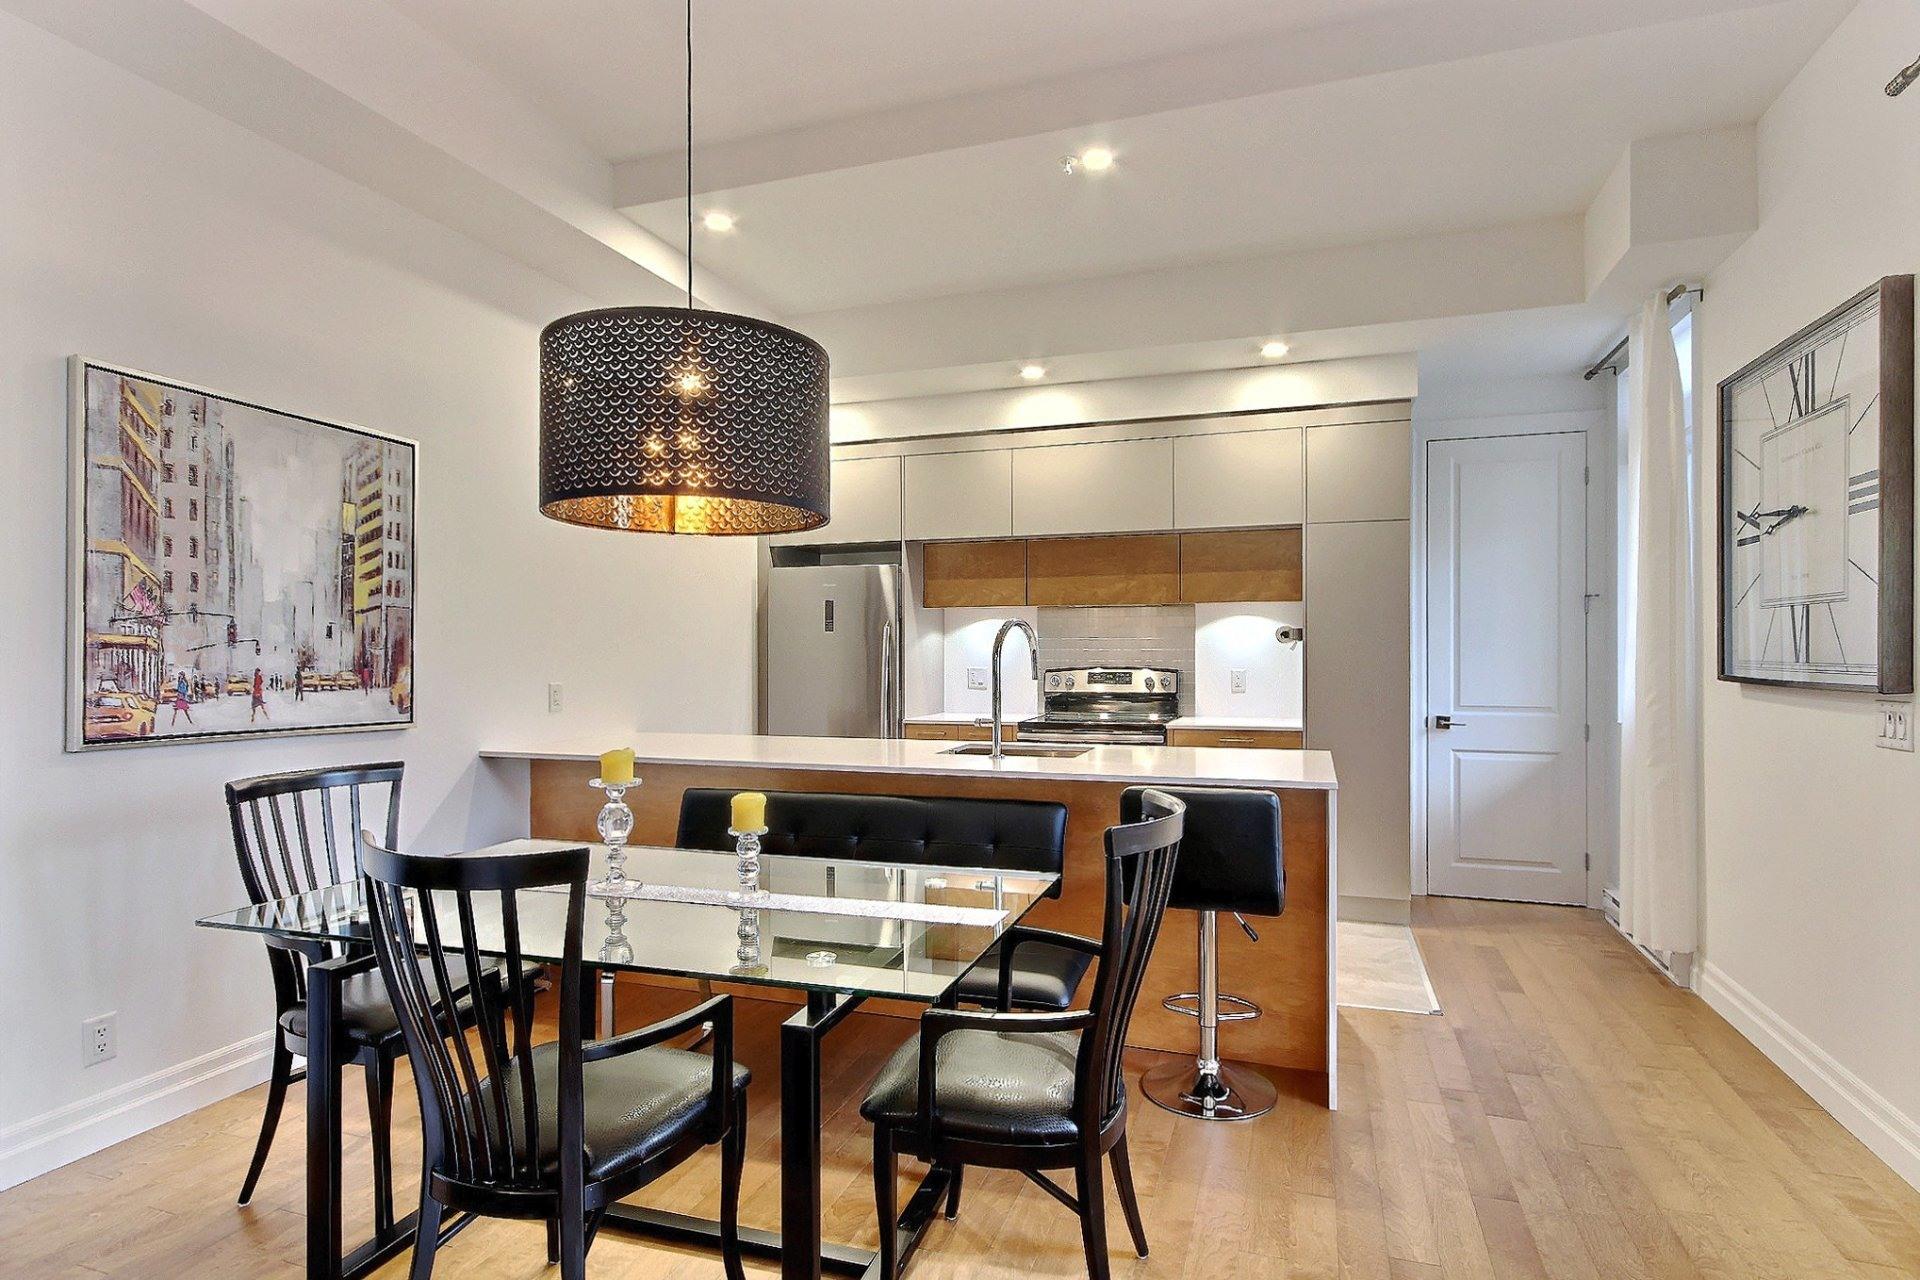 image 2 - Appartement À vendre Sainte-Foy/Sillery/Cap-Rouge Québec  - 7 pièces